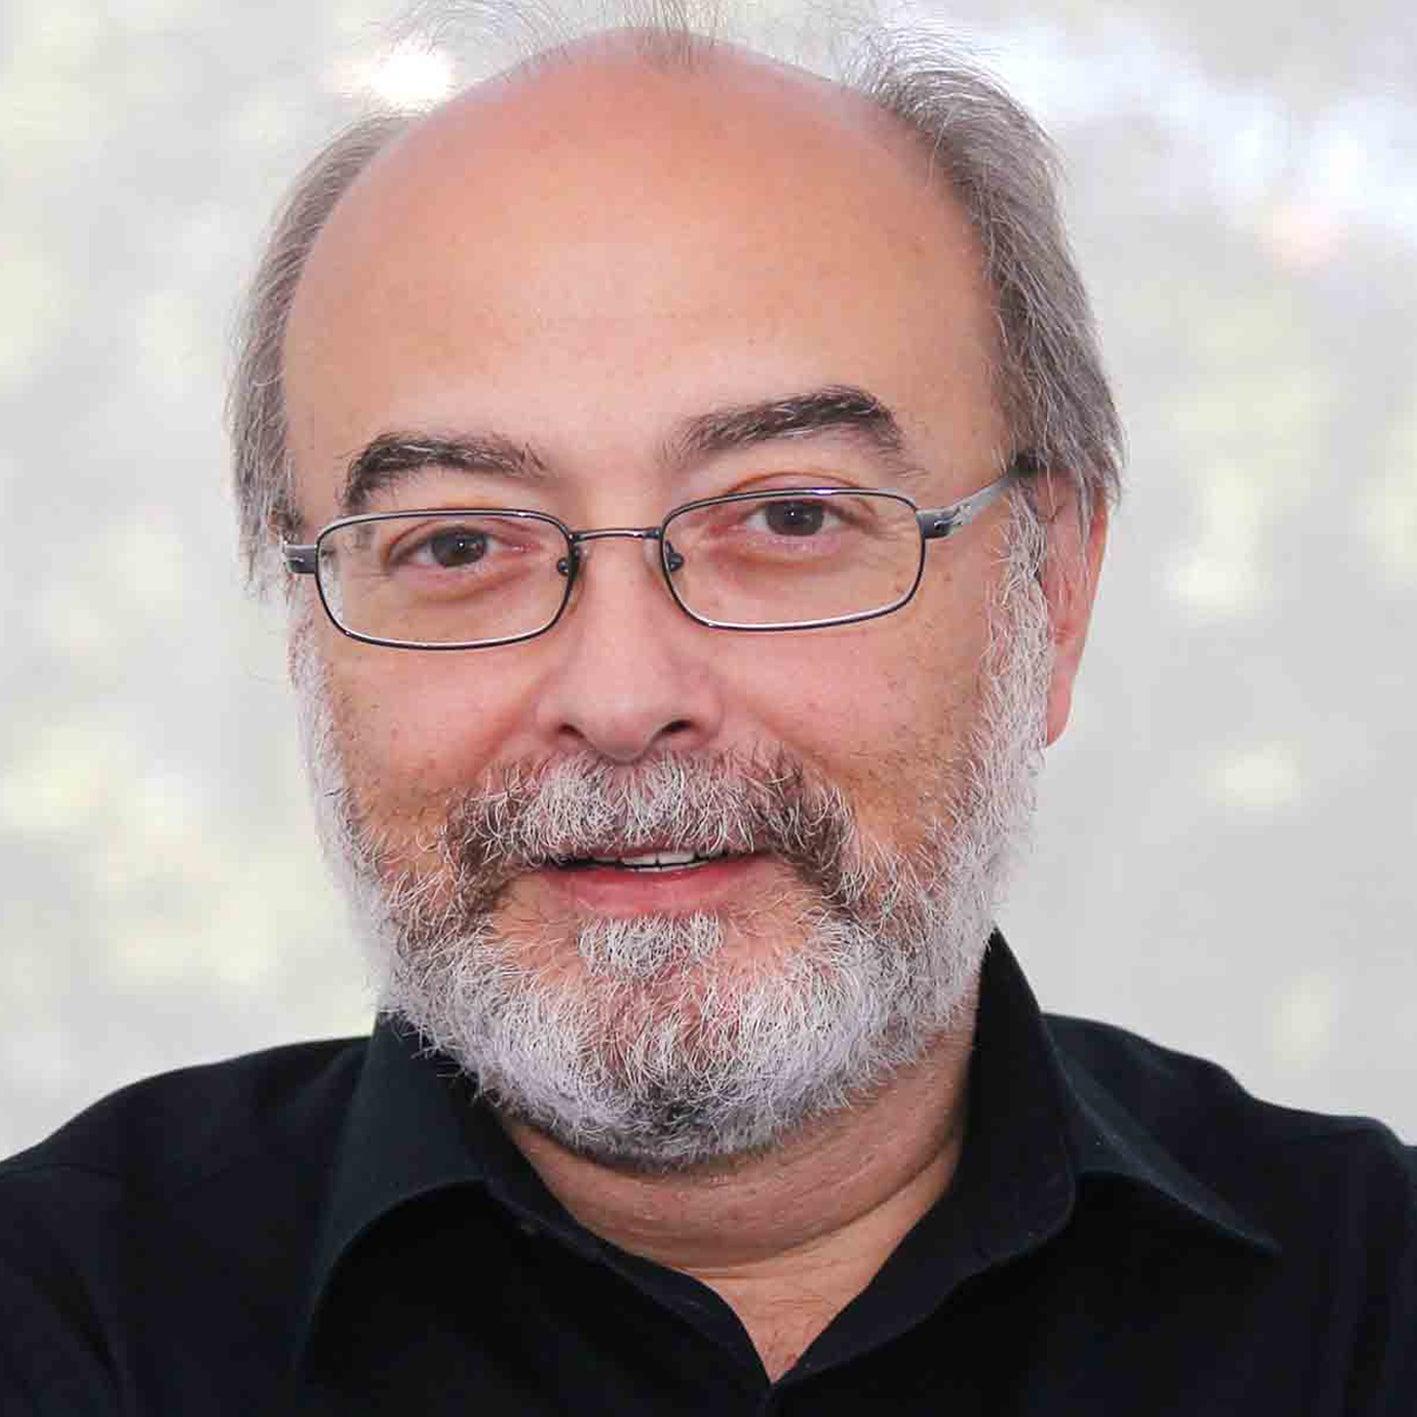 Antonio Sánchez Maeso